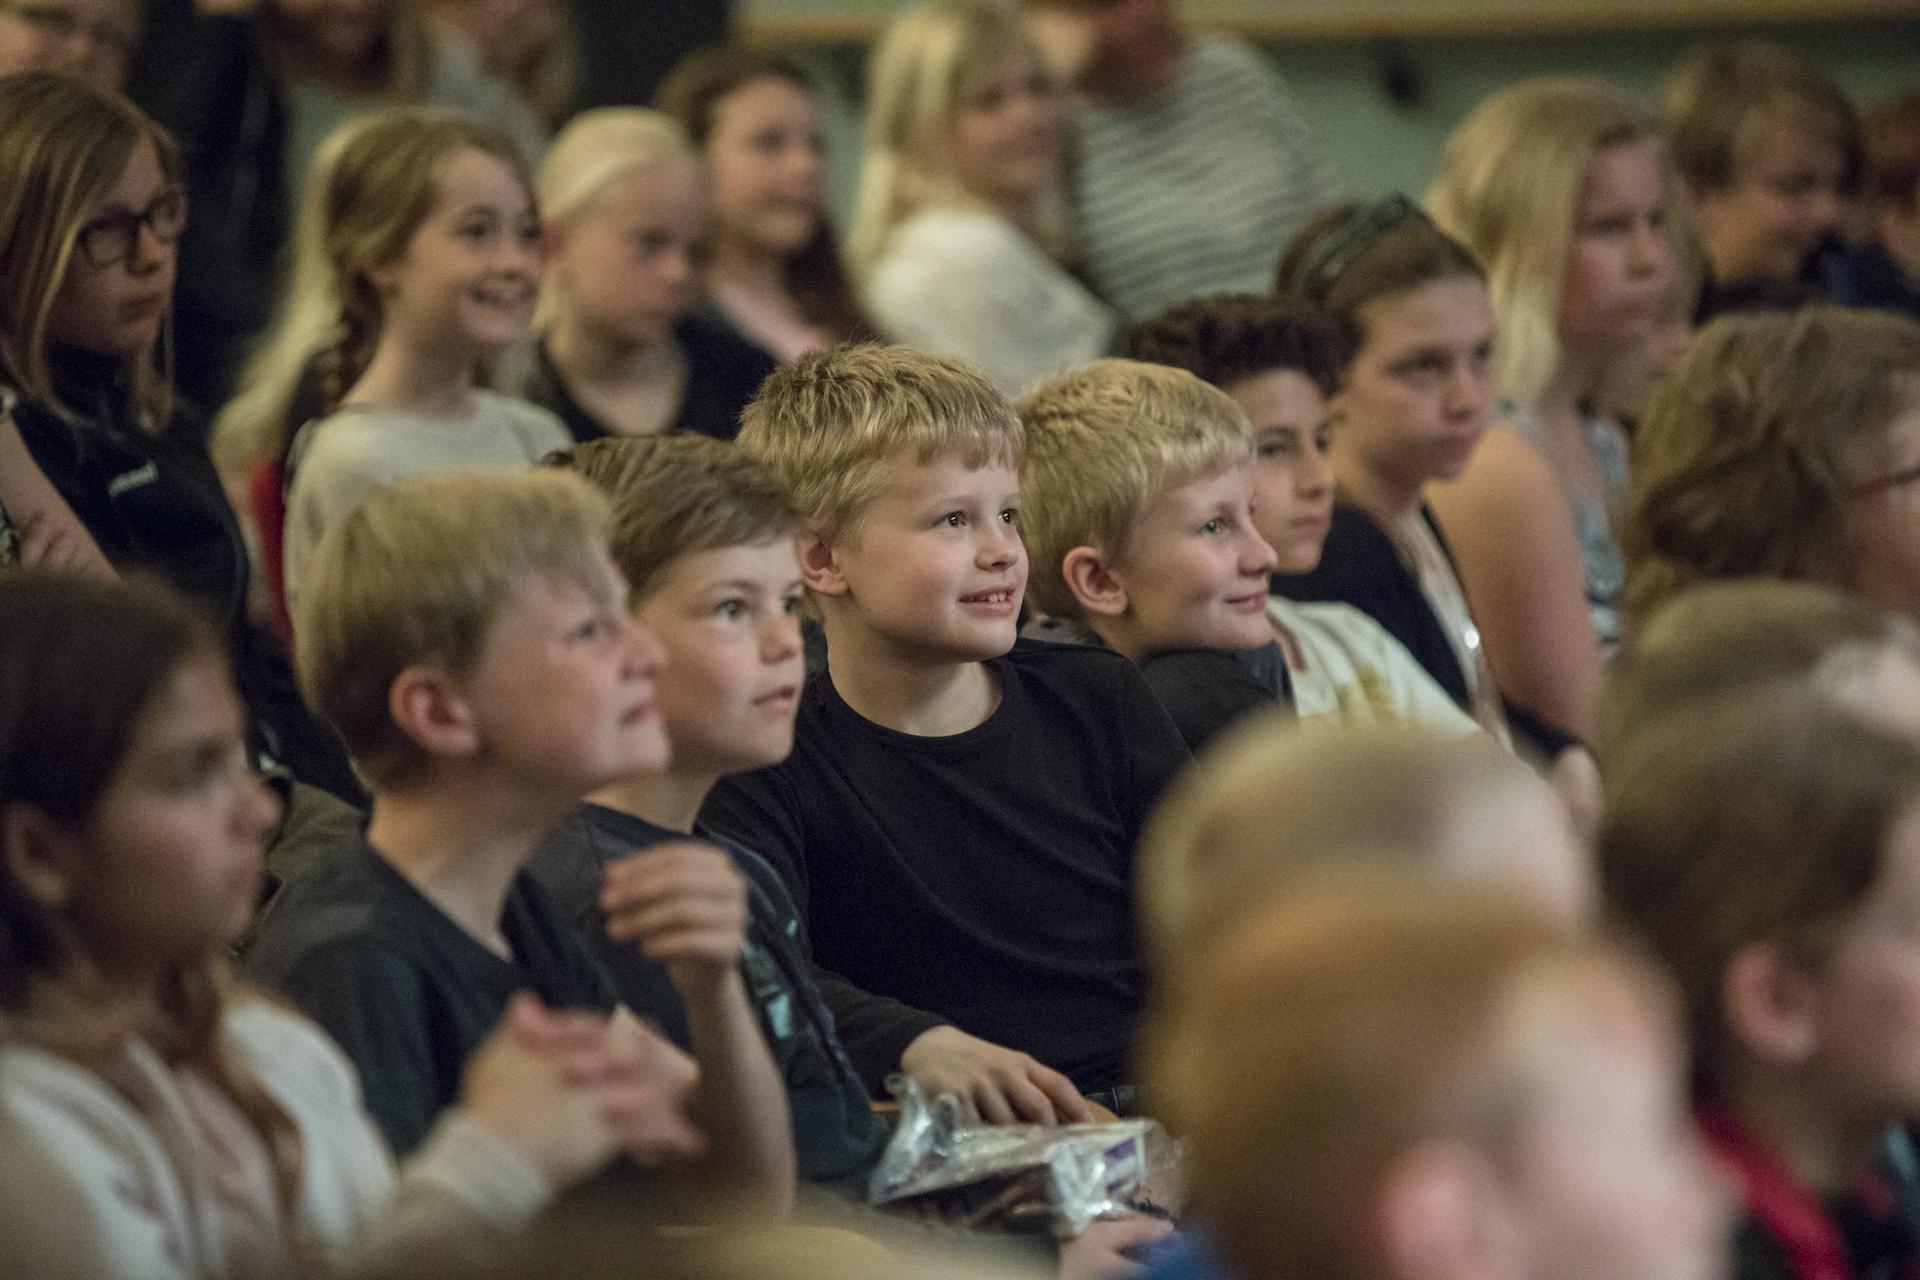 Sløngeldage fredag- web - Fotograf Per Bille-20170519-2517, glade børn.jpg